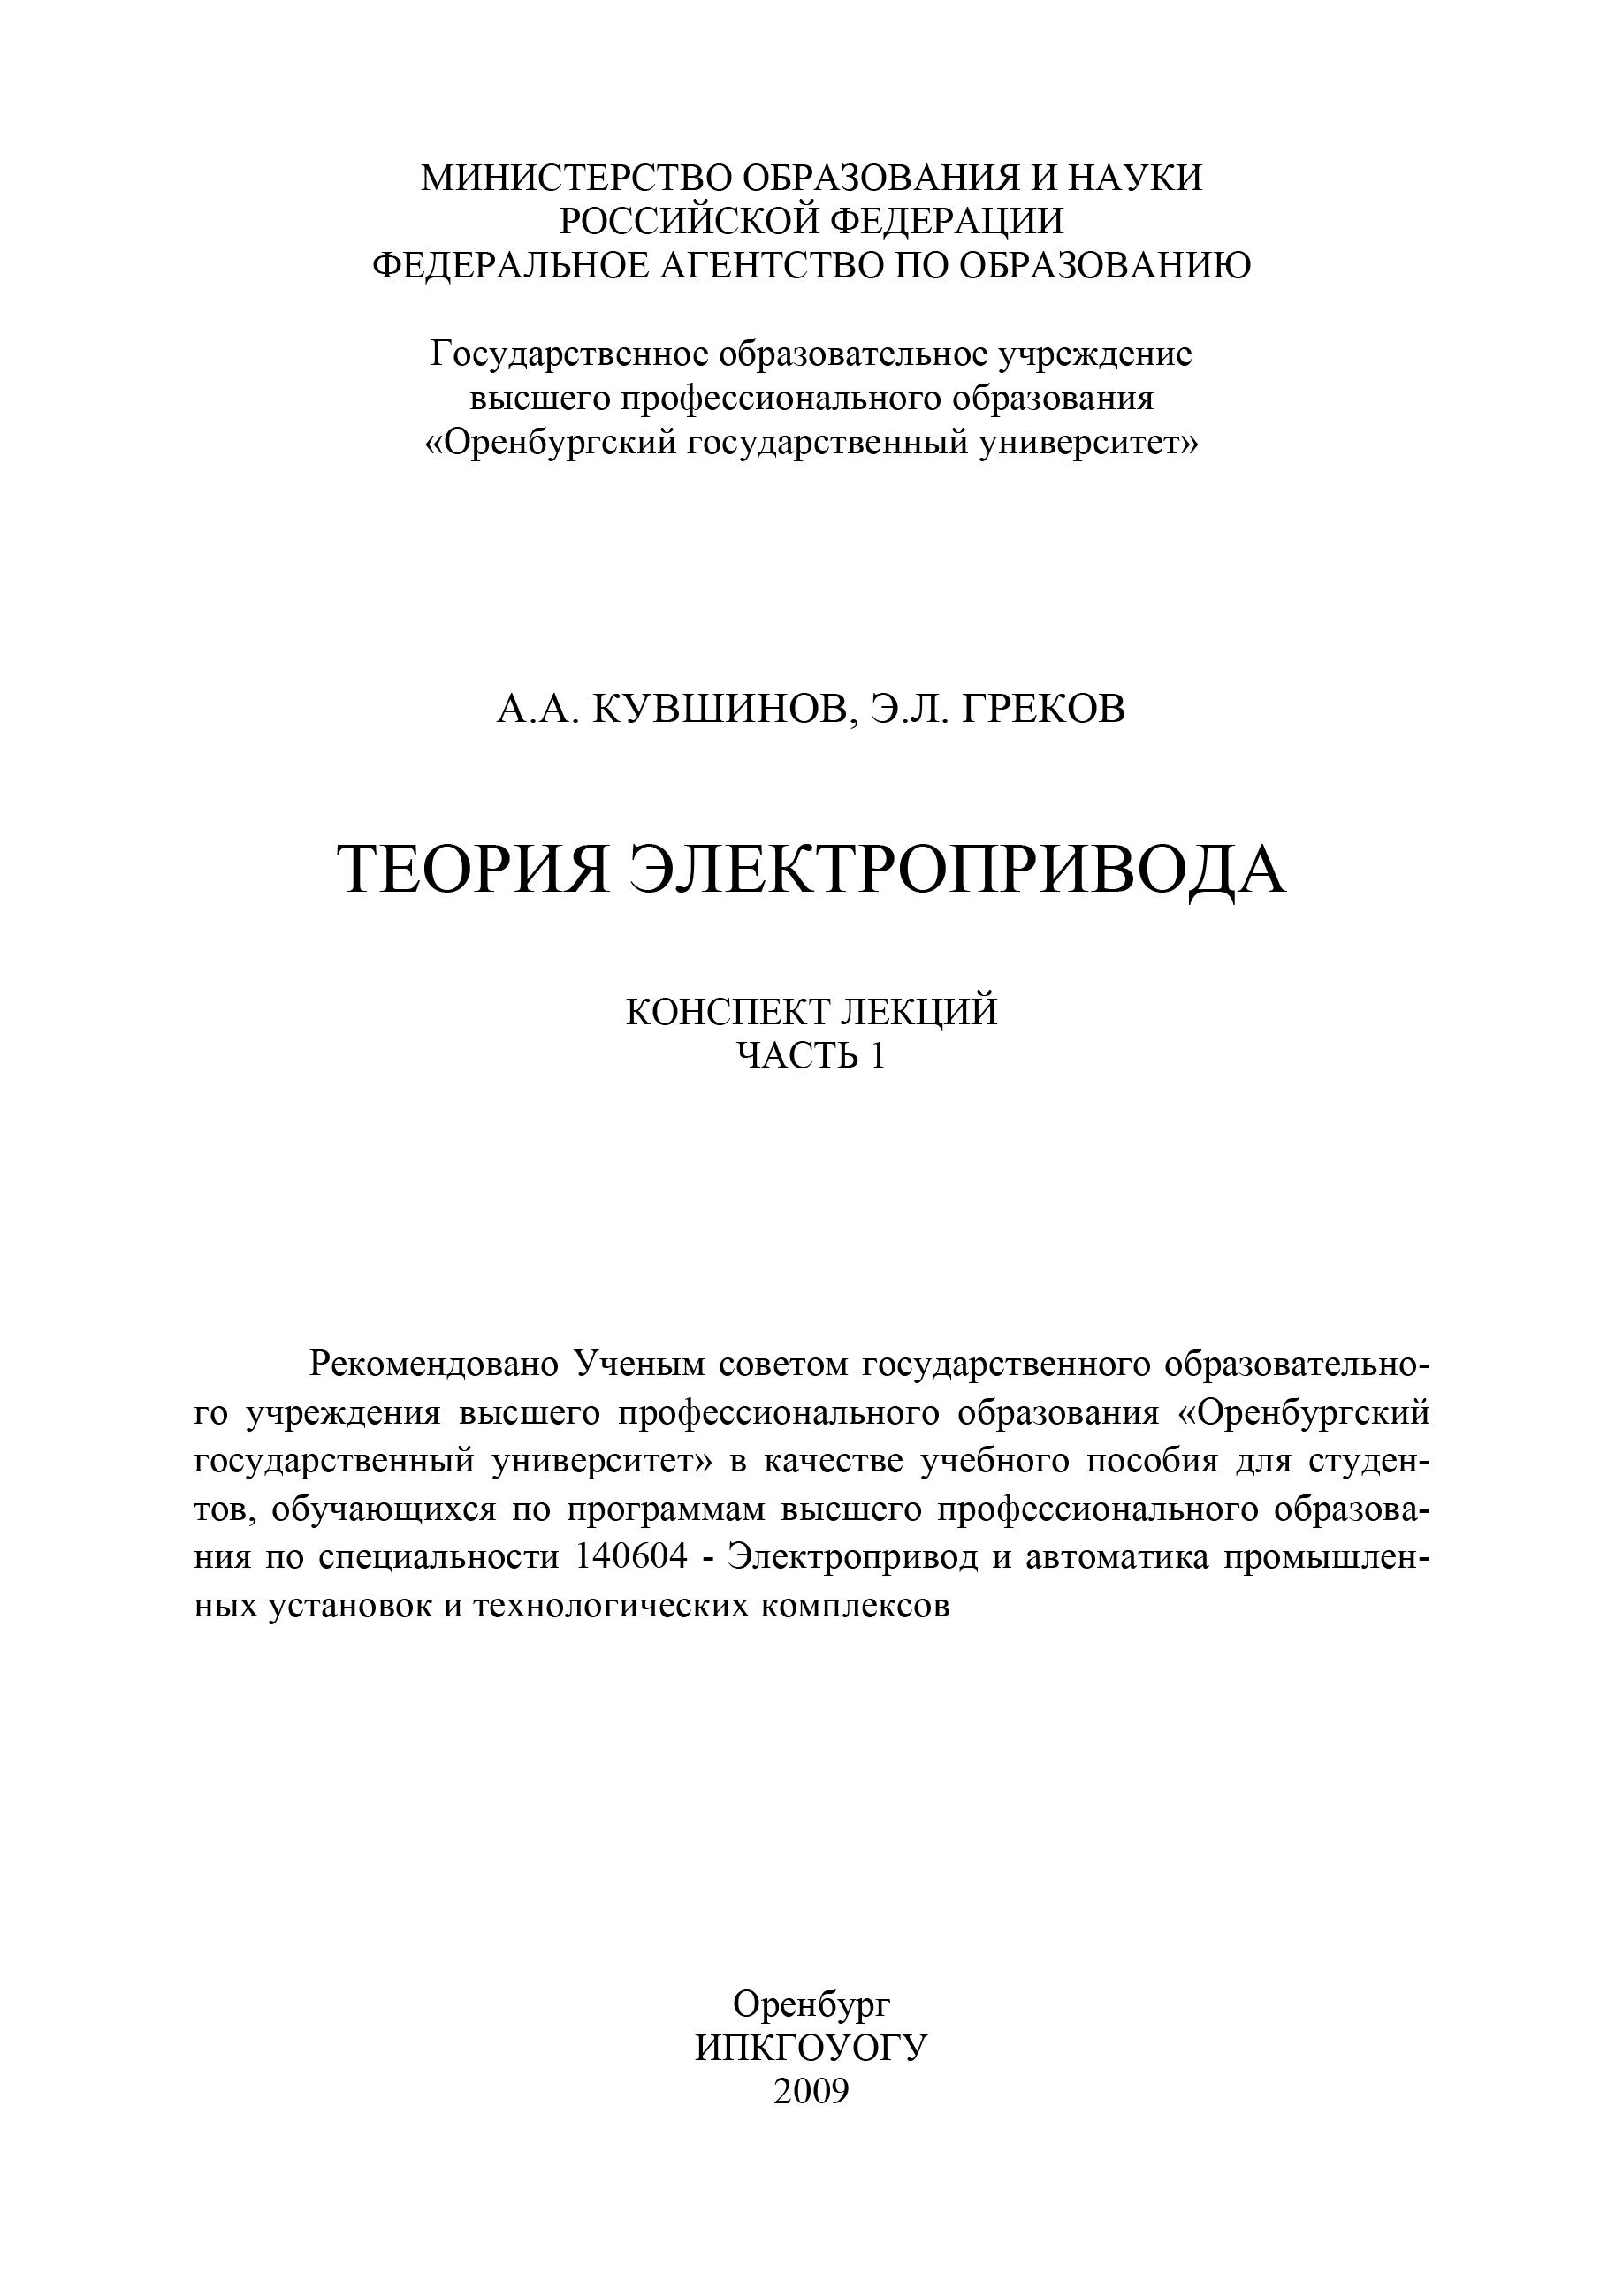 Э. Греков Теория электропривода. Часть 1